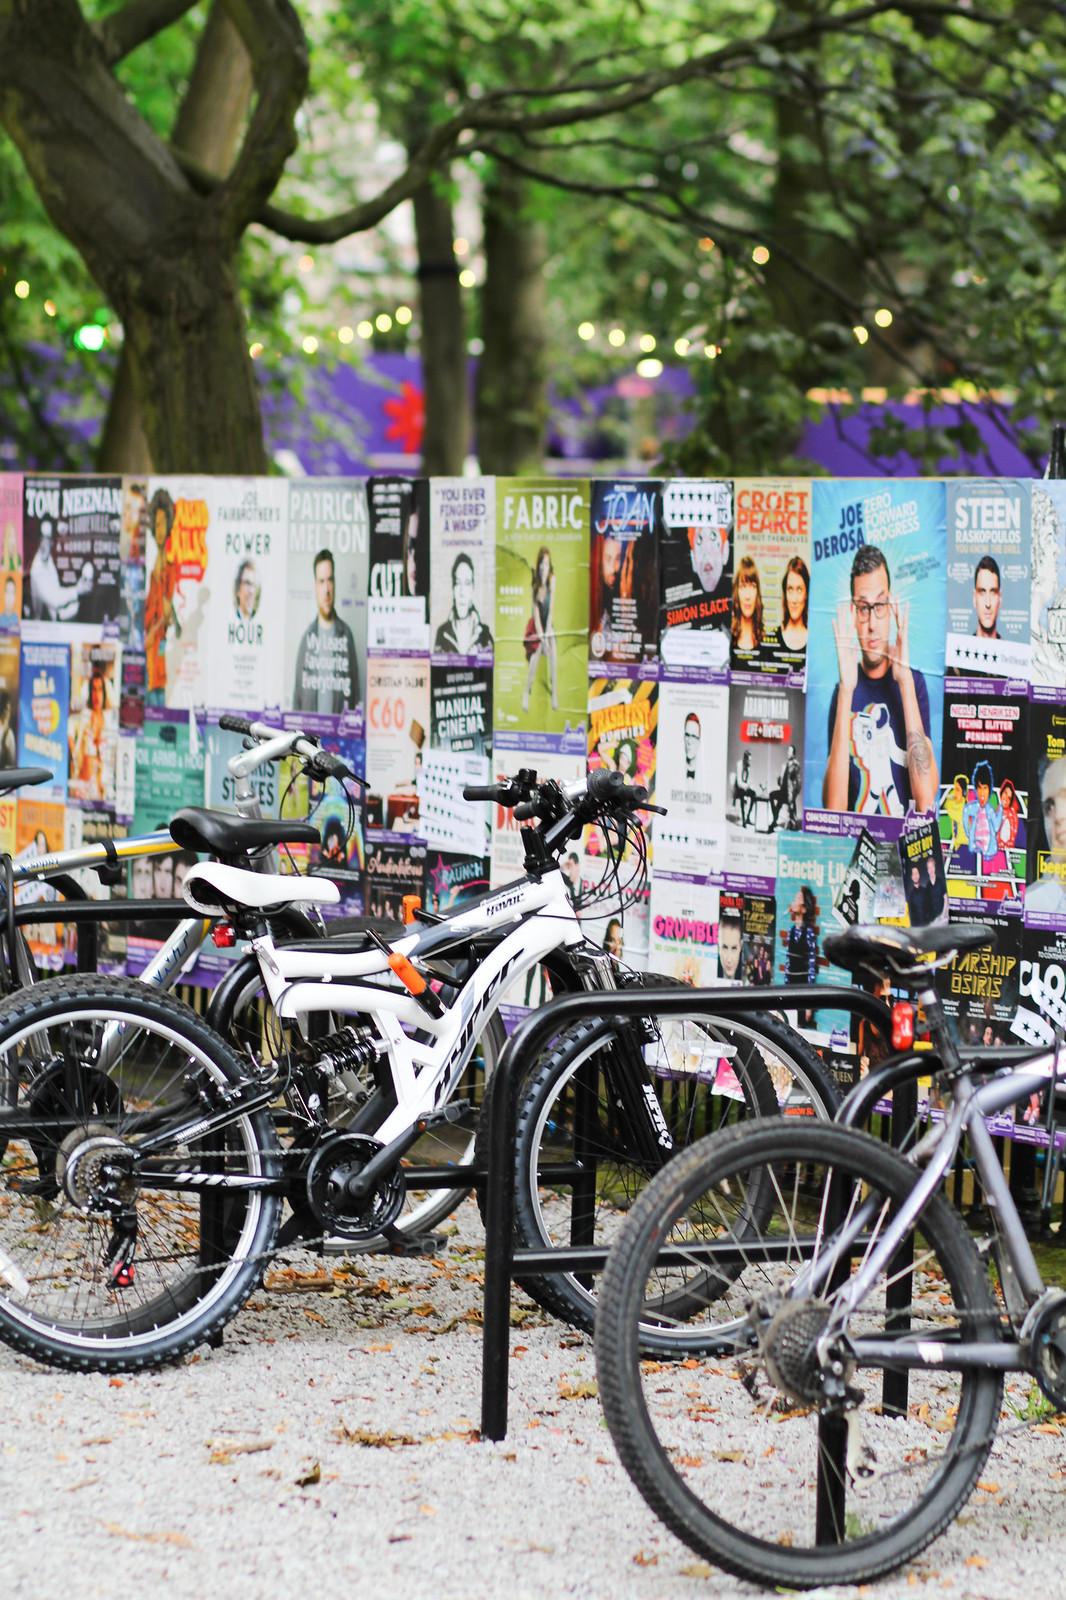 IMG_8711Visiting the Edinburgh Fringe Festival